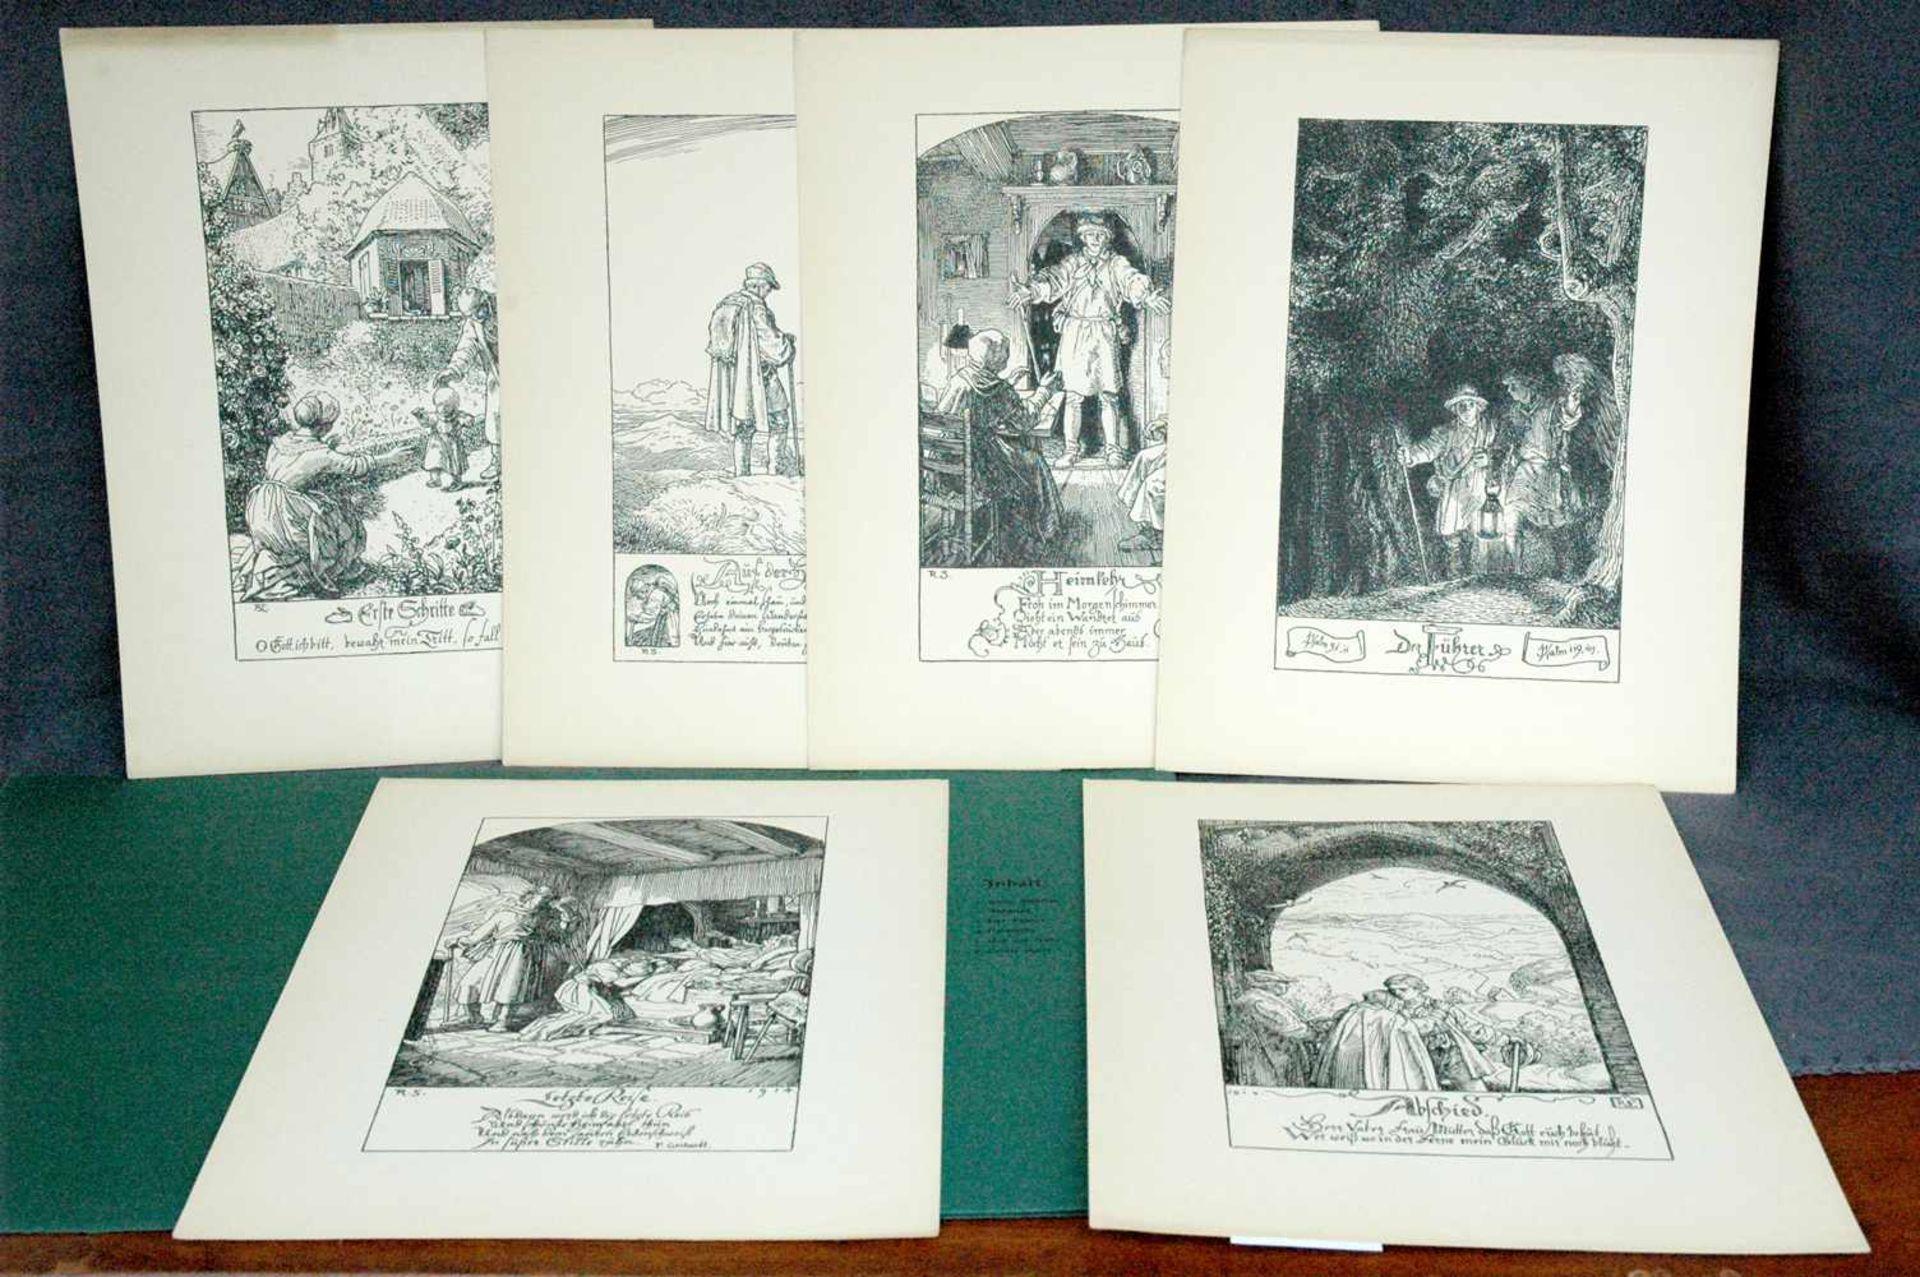 Bildermappen fürs deutsche Haus, Im Wanderschritt des Lebens, sechs Zeichnungen von Rudolf Schaefer - Bild 2 aus 2